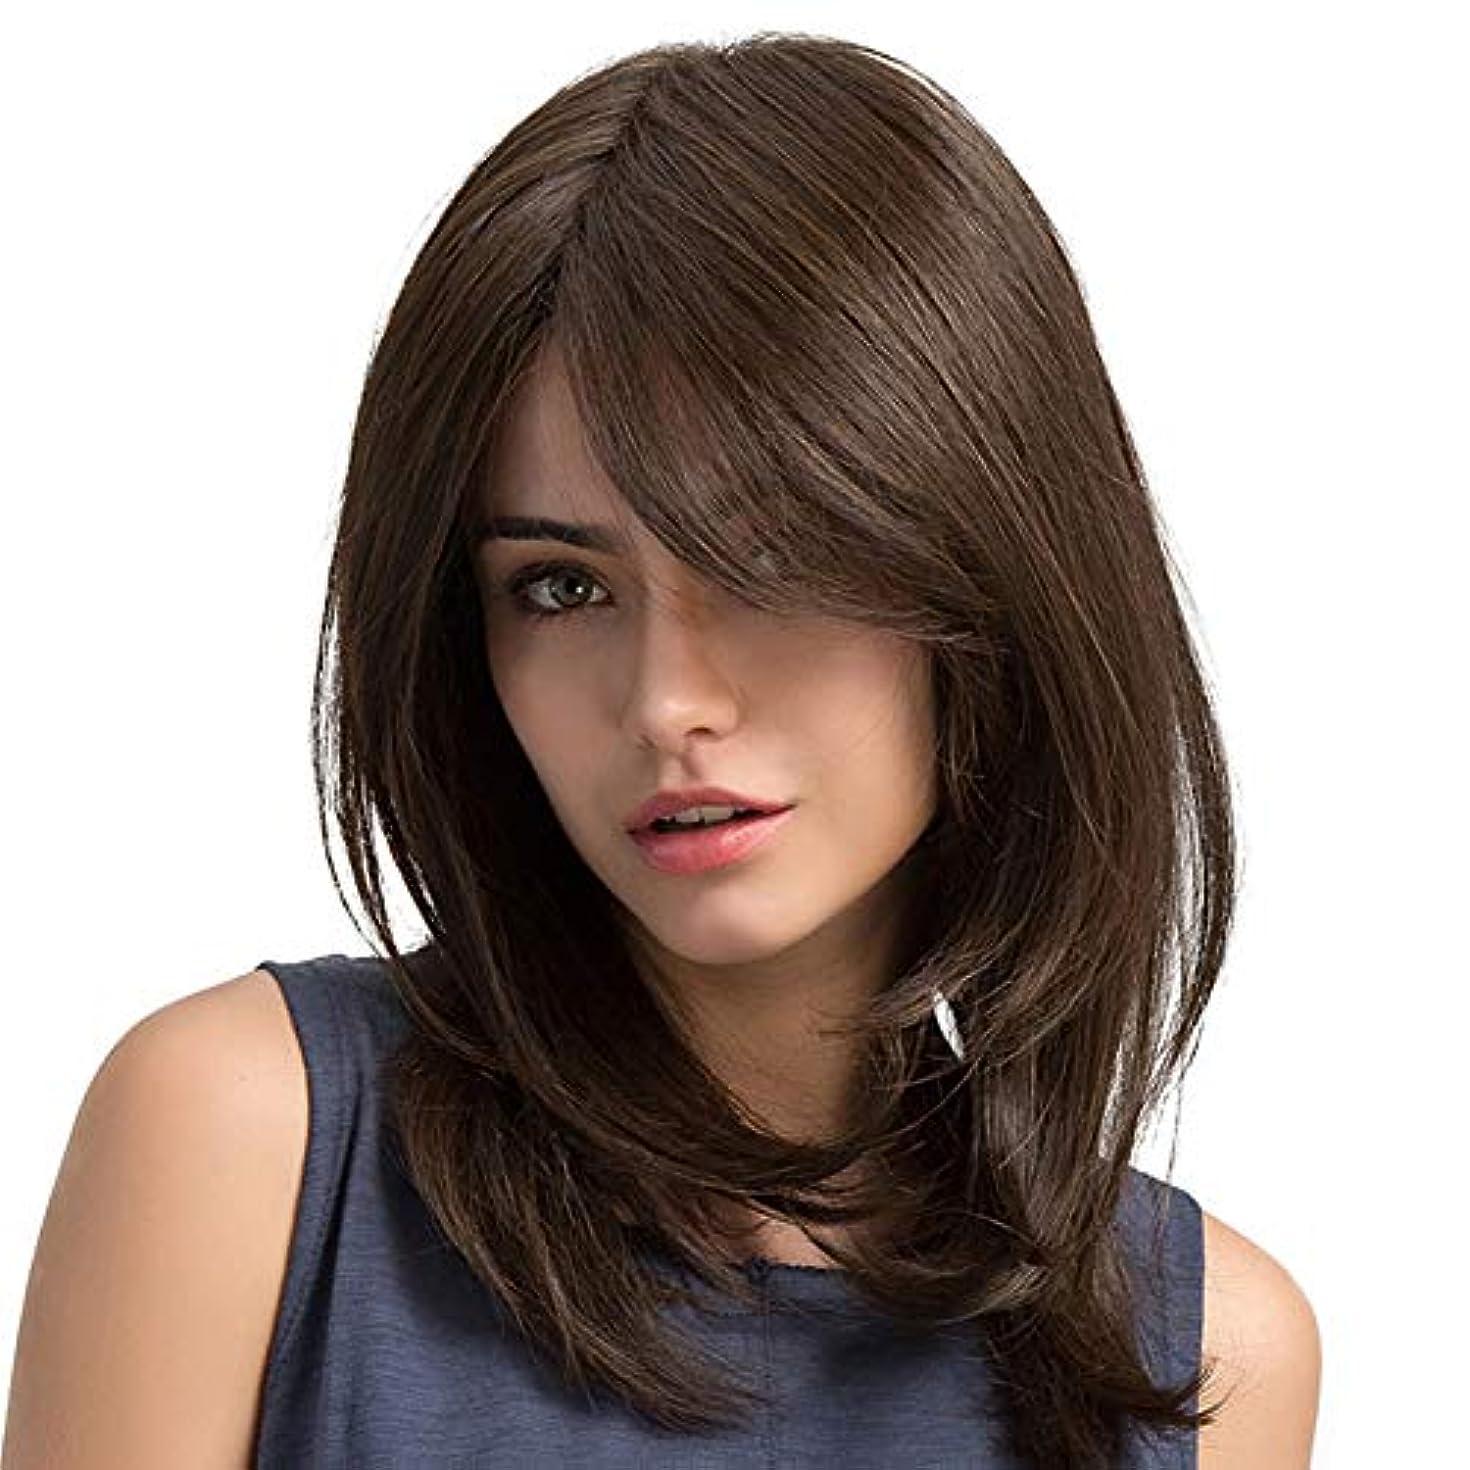 財団論争ロールファッションかつら 茶色 波状の髪 合成ウィッグ 耐熱性